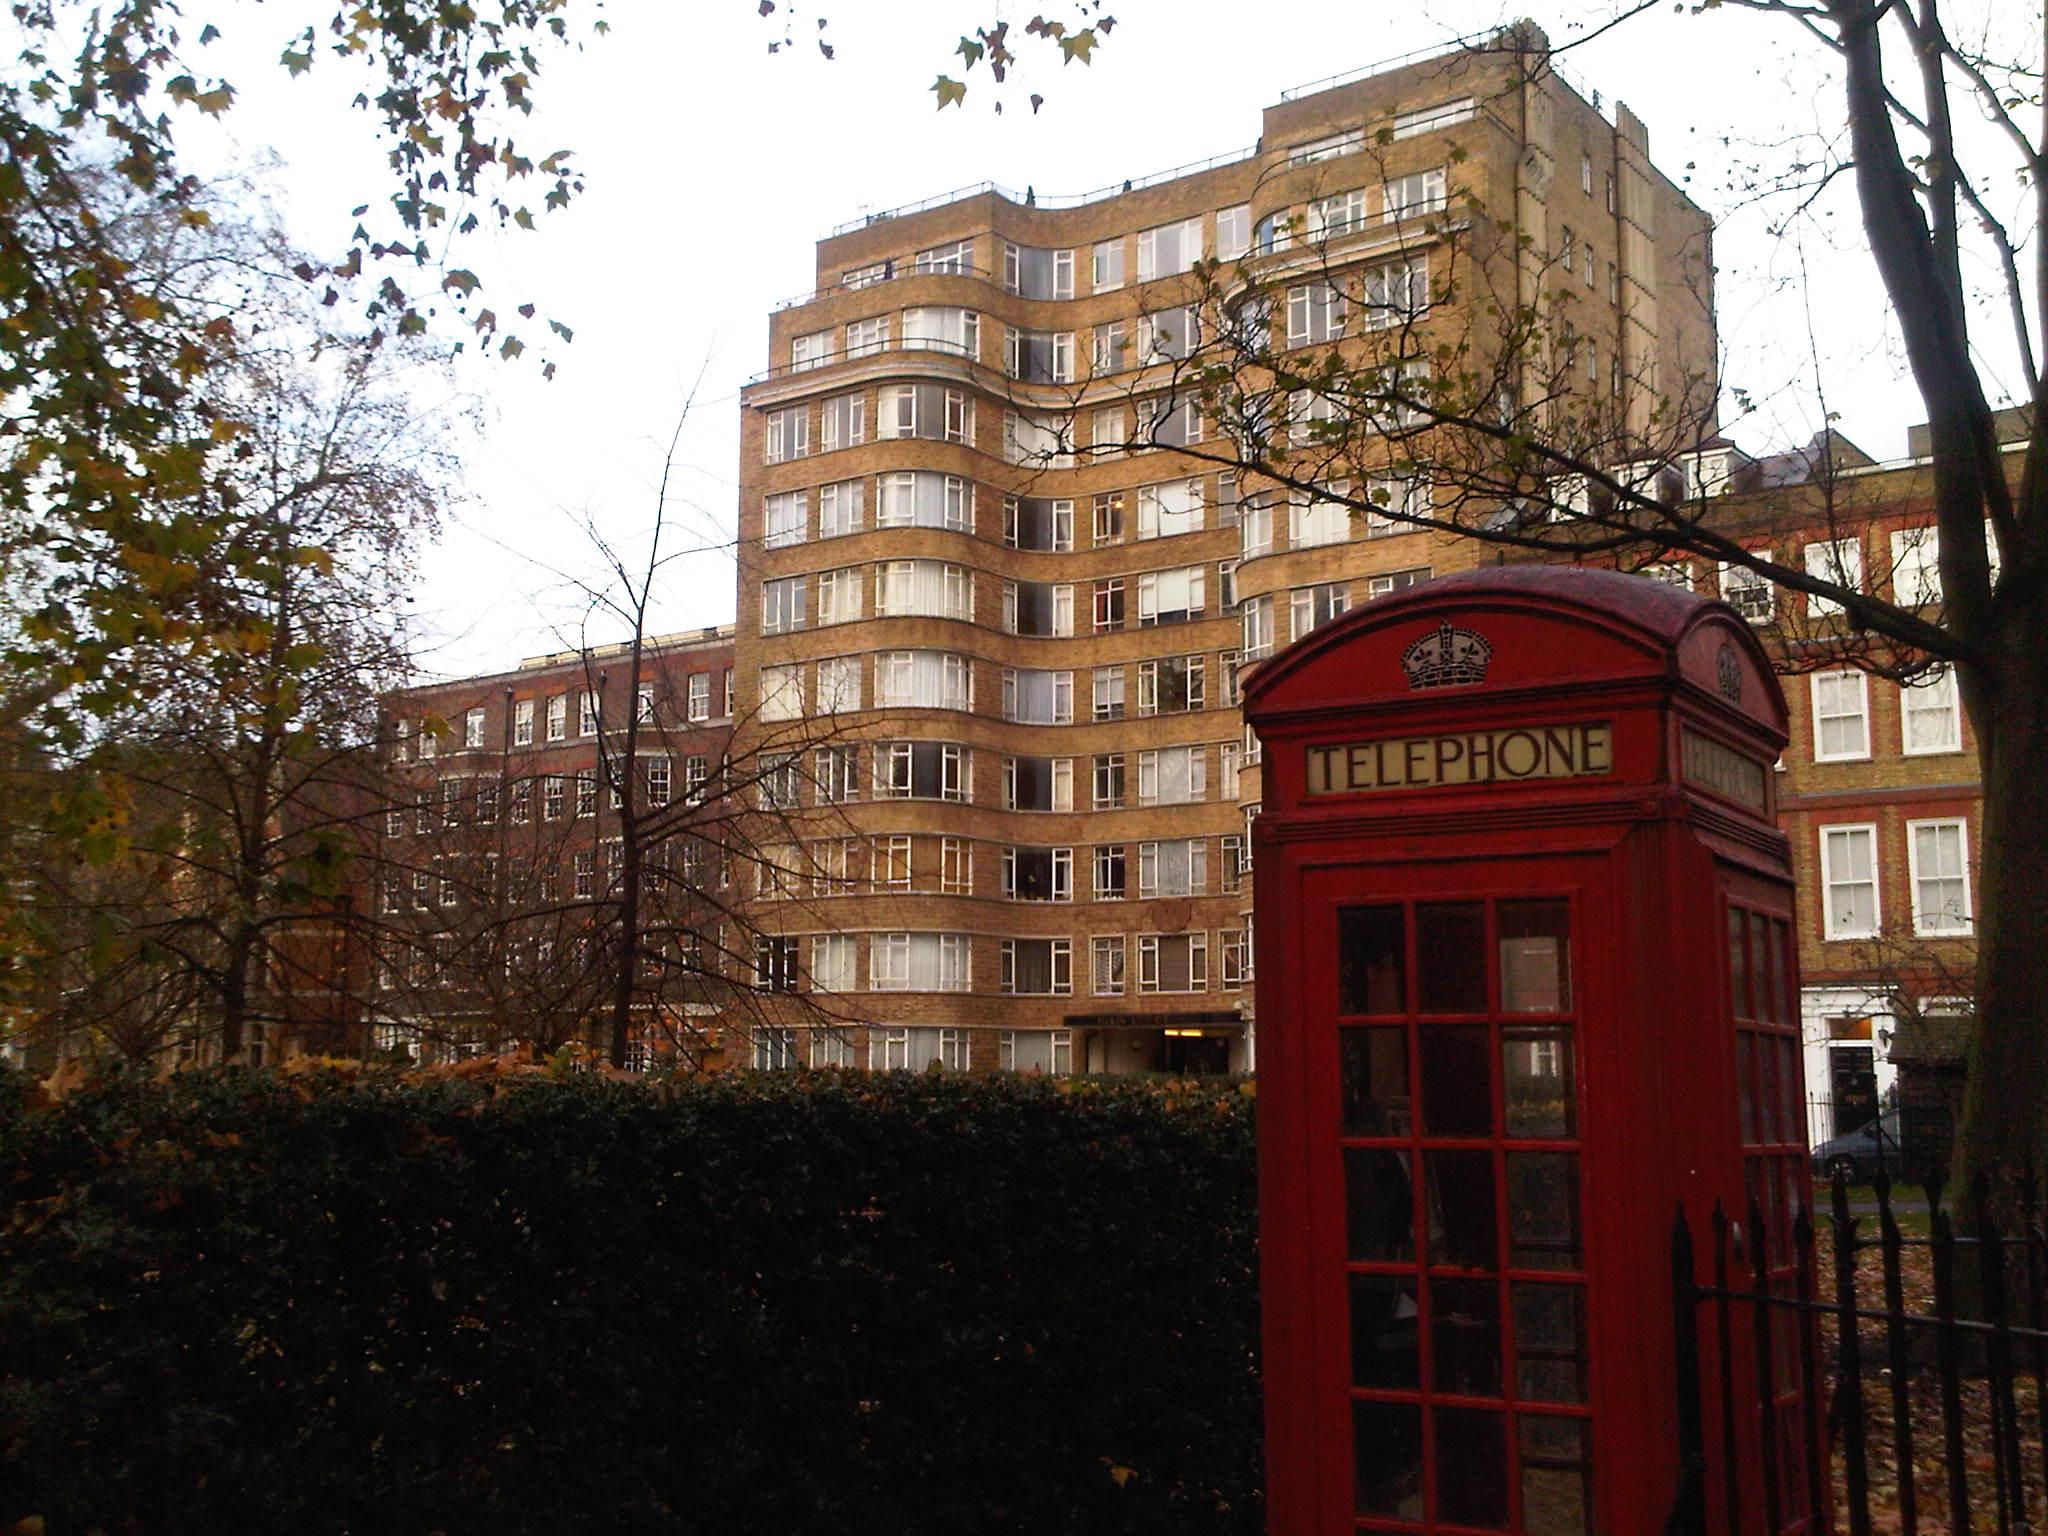 Florin_Court_from_Charterhouse_Street